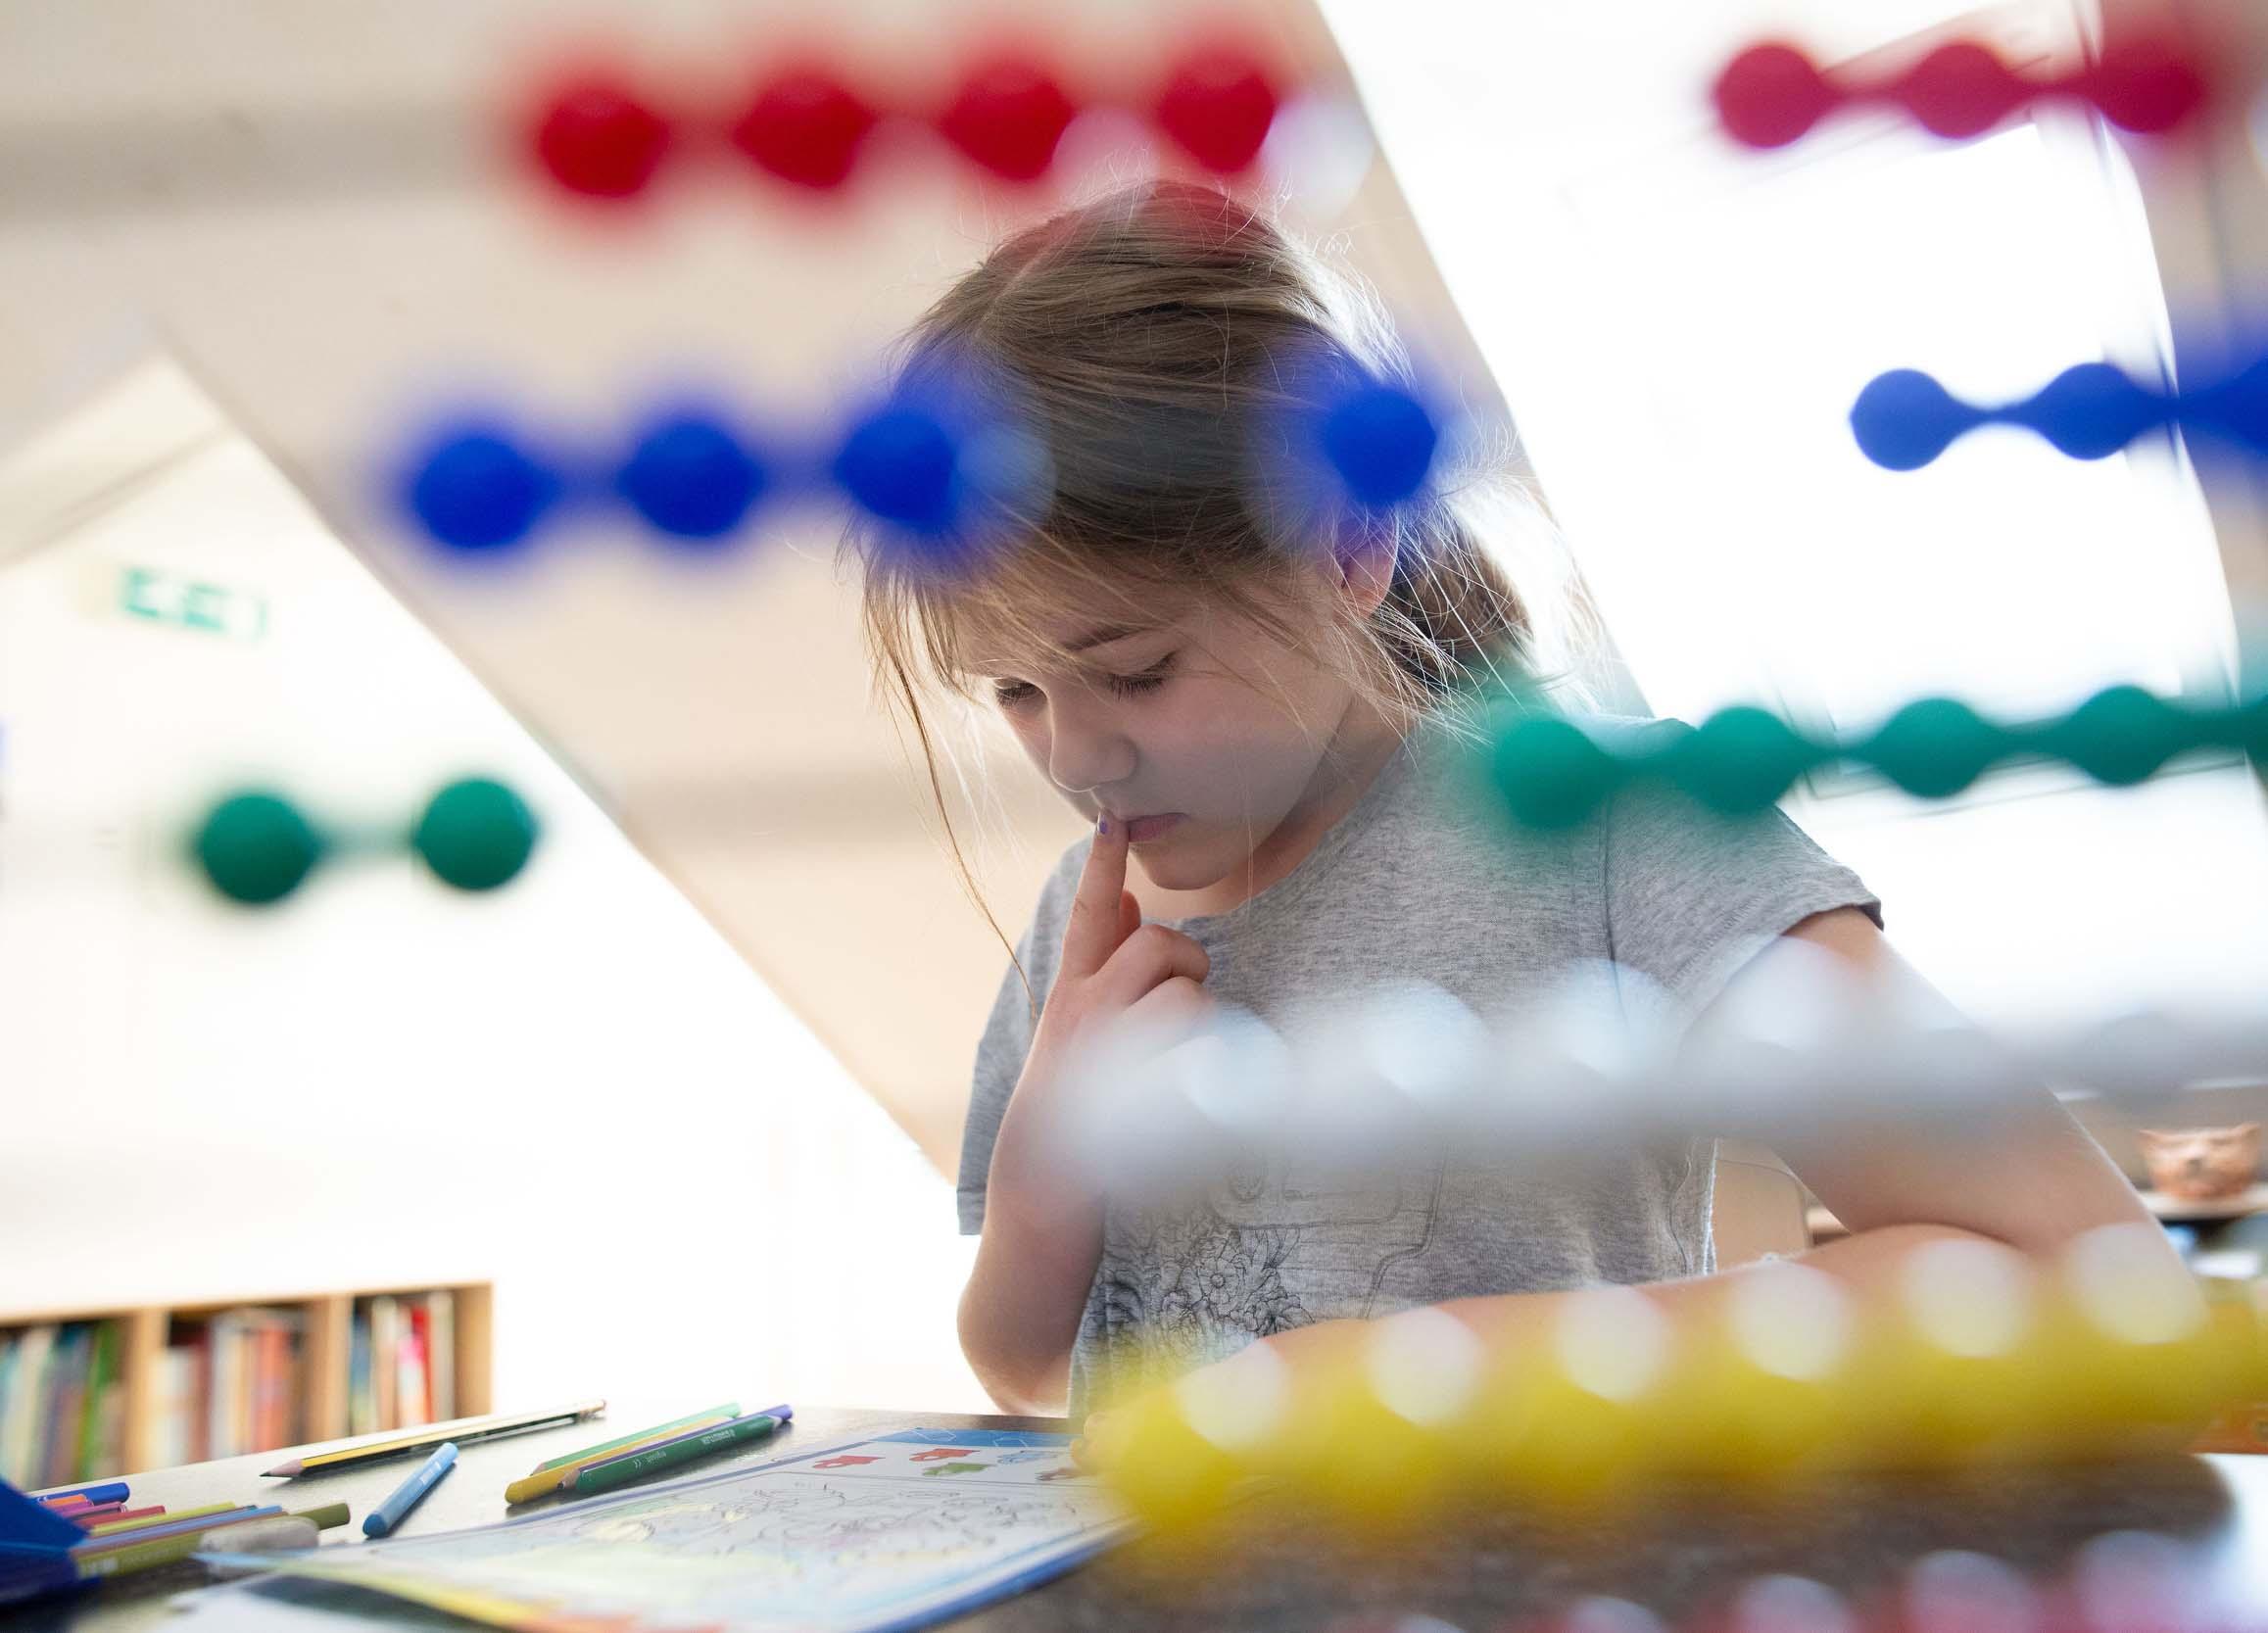 Dagbehandlingsskole i København som underviser i alle folkeskolens fag - og lidt til